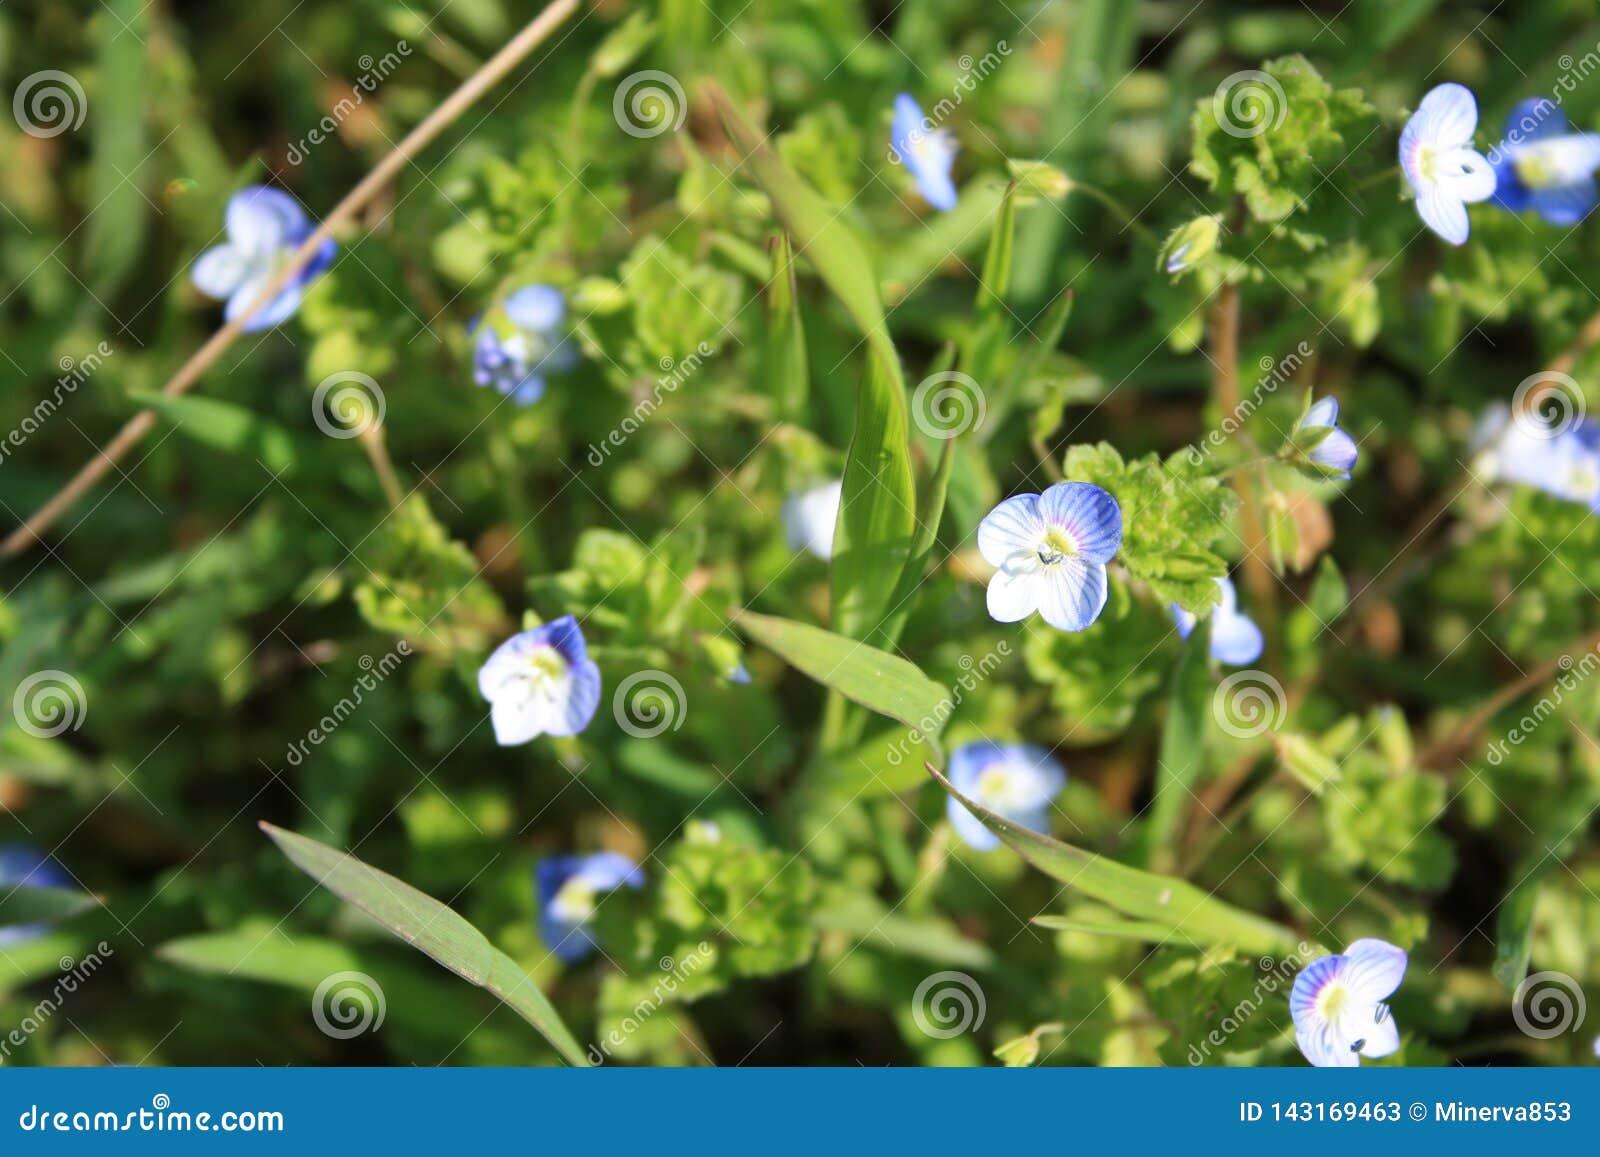 L usine de Veronica a les fleurs bleues profondes avec une corolle quatre-lobée et les tiges qui sont velues seulement le long de